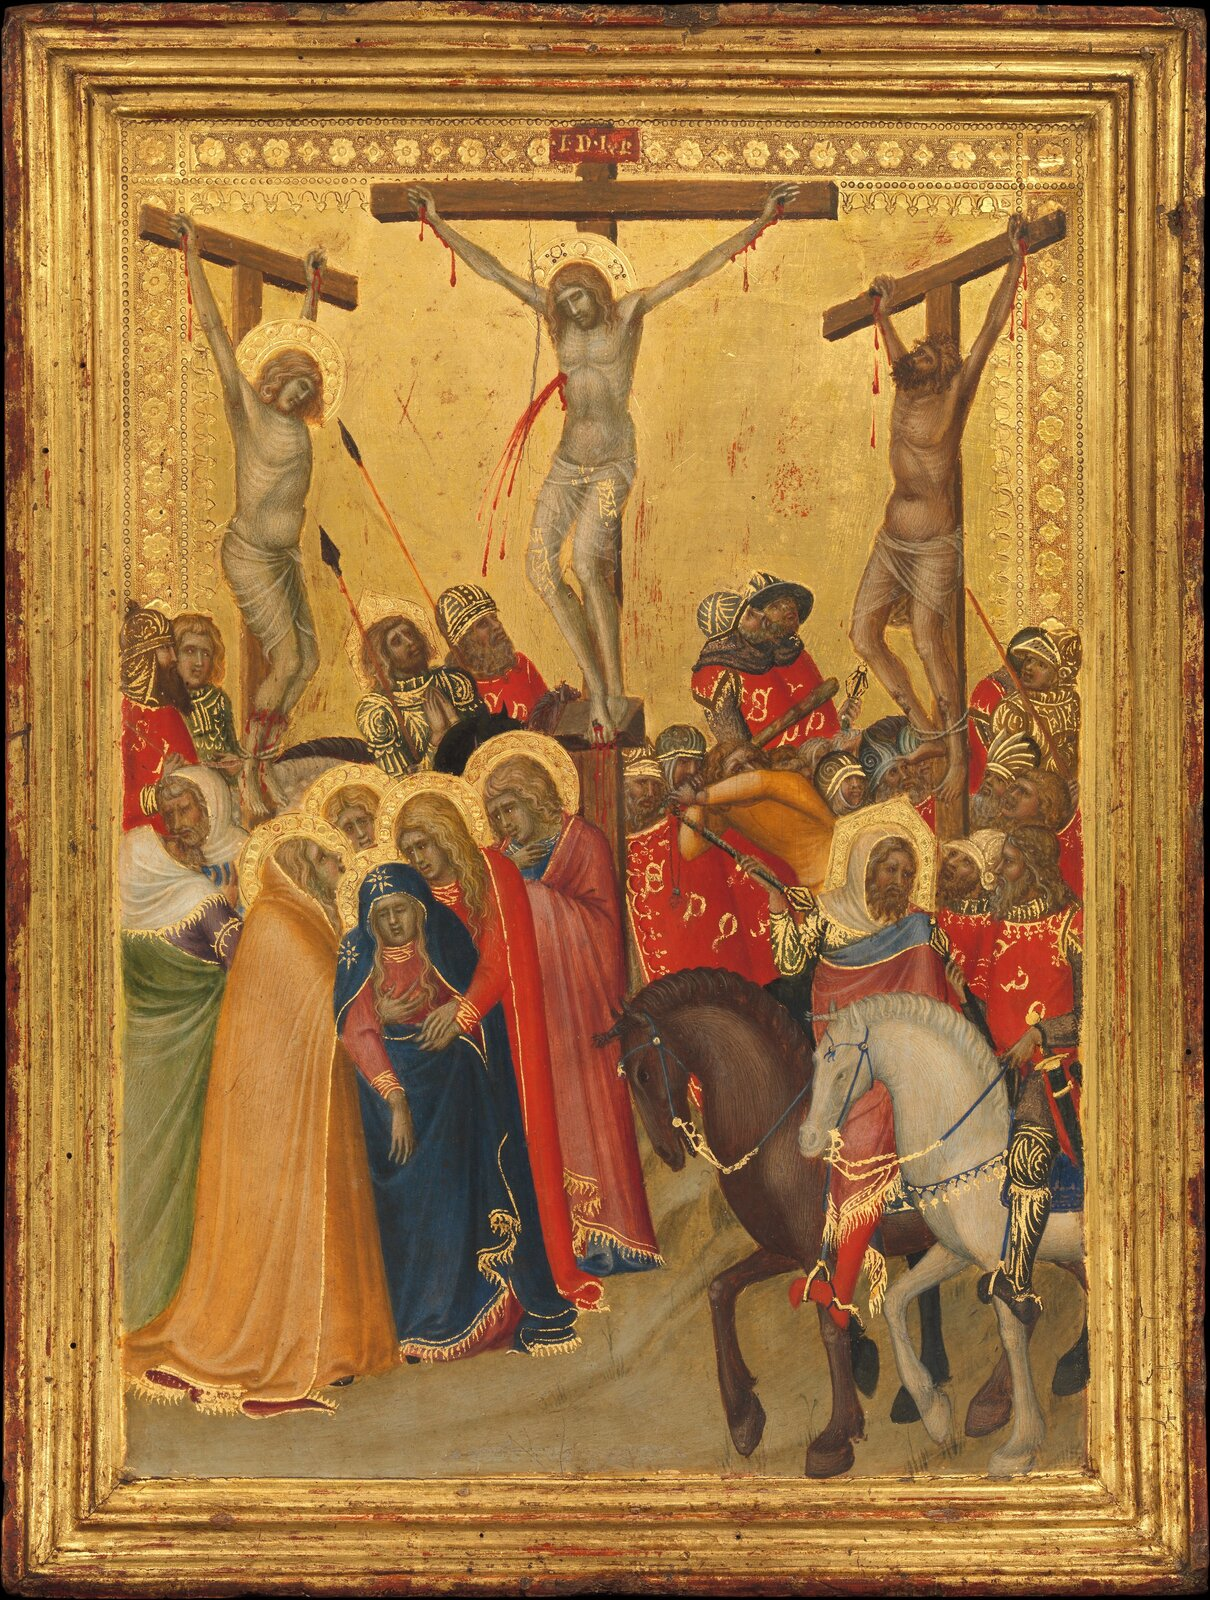 """Ilustracja interaktywna przedstawia obraz """"Ukrzyżowanie"""" autorstwa Pietro Lorenzettiego. Oprawiona wzłotą ramę tempera ukazuje scenę ukrzyżowania. Wcentralnym miejscu obrazu znajduje się Chrystus na krzyżu. Zjego boku wypływa strumień czerwonej krwi, głowę wieńczy aureola. Po lewej iprawej stronie sceny wiszą na krzyżach złoczyńcy. Pod krzyżem znajduje się grupka postaci wpowłóczystych, kolorowych strojach podtrzymująca omdlewającą Matkę Boską wczerwonej sukni iniebieskim płaszczu. Na pierwszym planie artysta umieścił dwóch rozmawiających ze sobą mężczyzn jadących na białym ibrązowym koniu. Za krzyżami znajdują się żołnierze, niektórzy znich przystanęli wpatrzeni wwiszące ciała skazańców. Pod krzyżami znajduje się również postać związanego, nagiego mężczyzny, który uniesioną lewą ręką próbuje uchronić się przed ciosami żołnierzy. Tło sceny stanowi złote niebo, otacza je ozdobny ornament. Dominującymi kolorami kompozycji jest złoto iczerwień."""